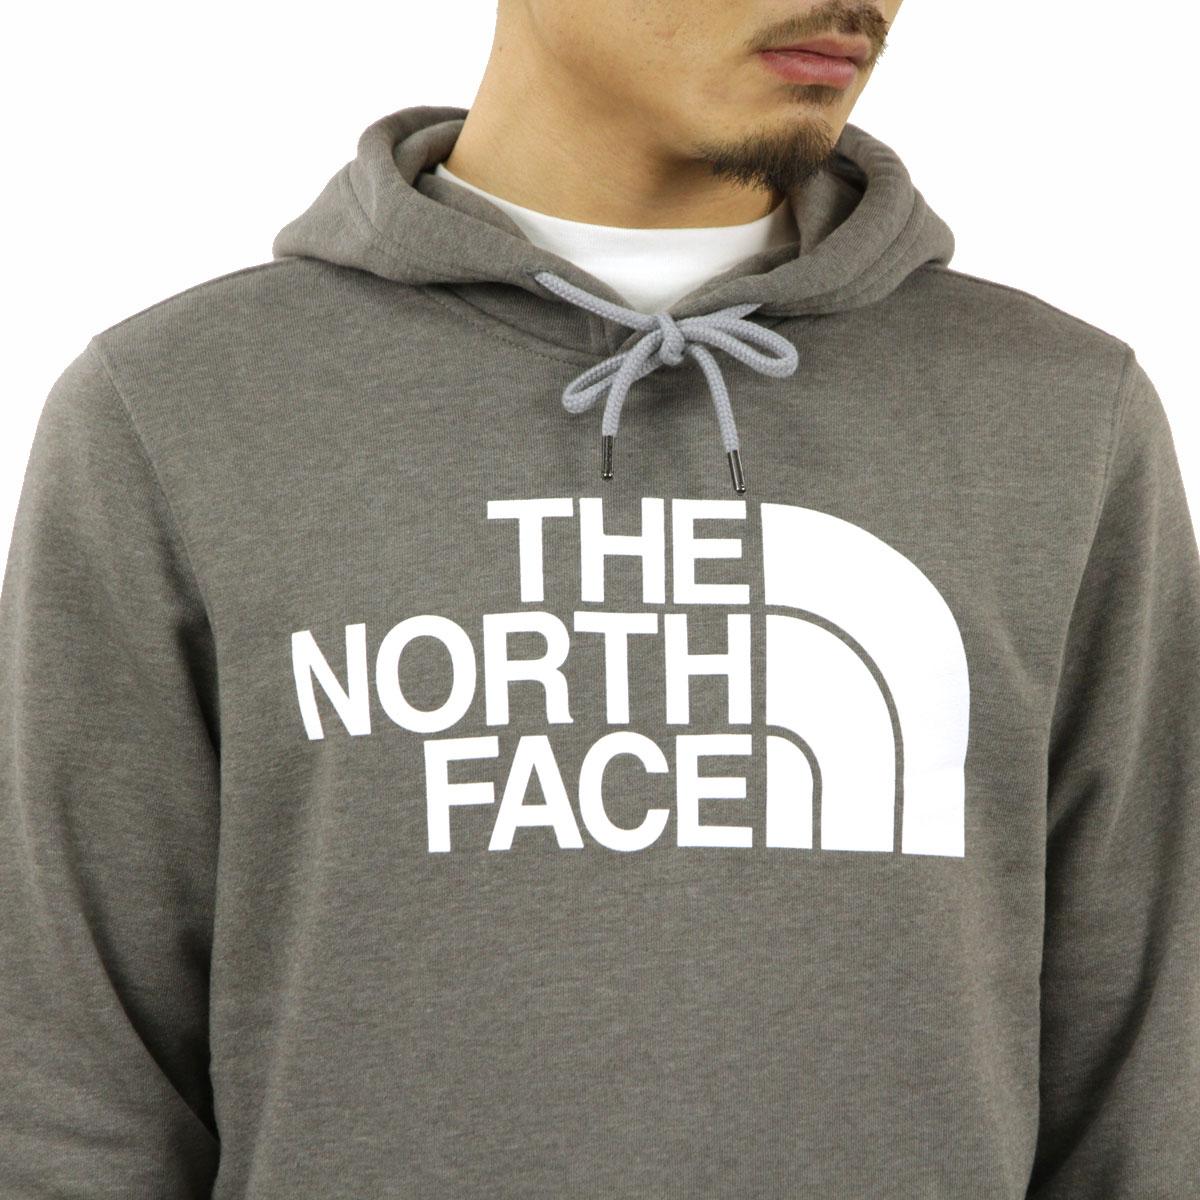 ノースフェイス パーカー メンズ 正規品 THE NORTH FACE プルオーバーパーカー ロゴ THE NORTH FACE M HALF DOME PULLOVER HOODIE TNF MEDIUM GREY HEATHER NF0A4M4B A14B B1C C1D D5E E02F